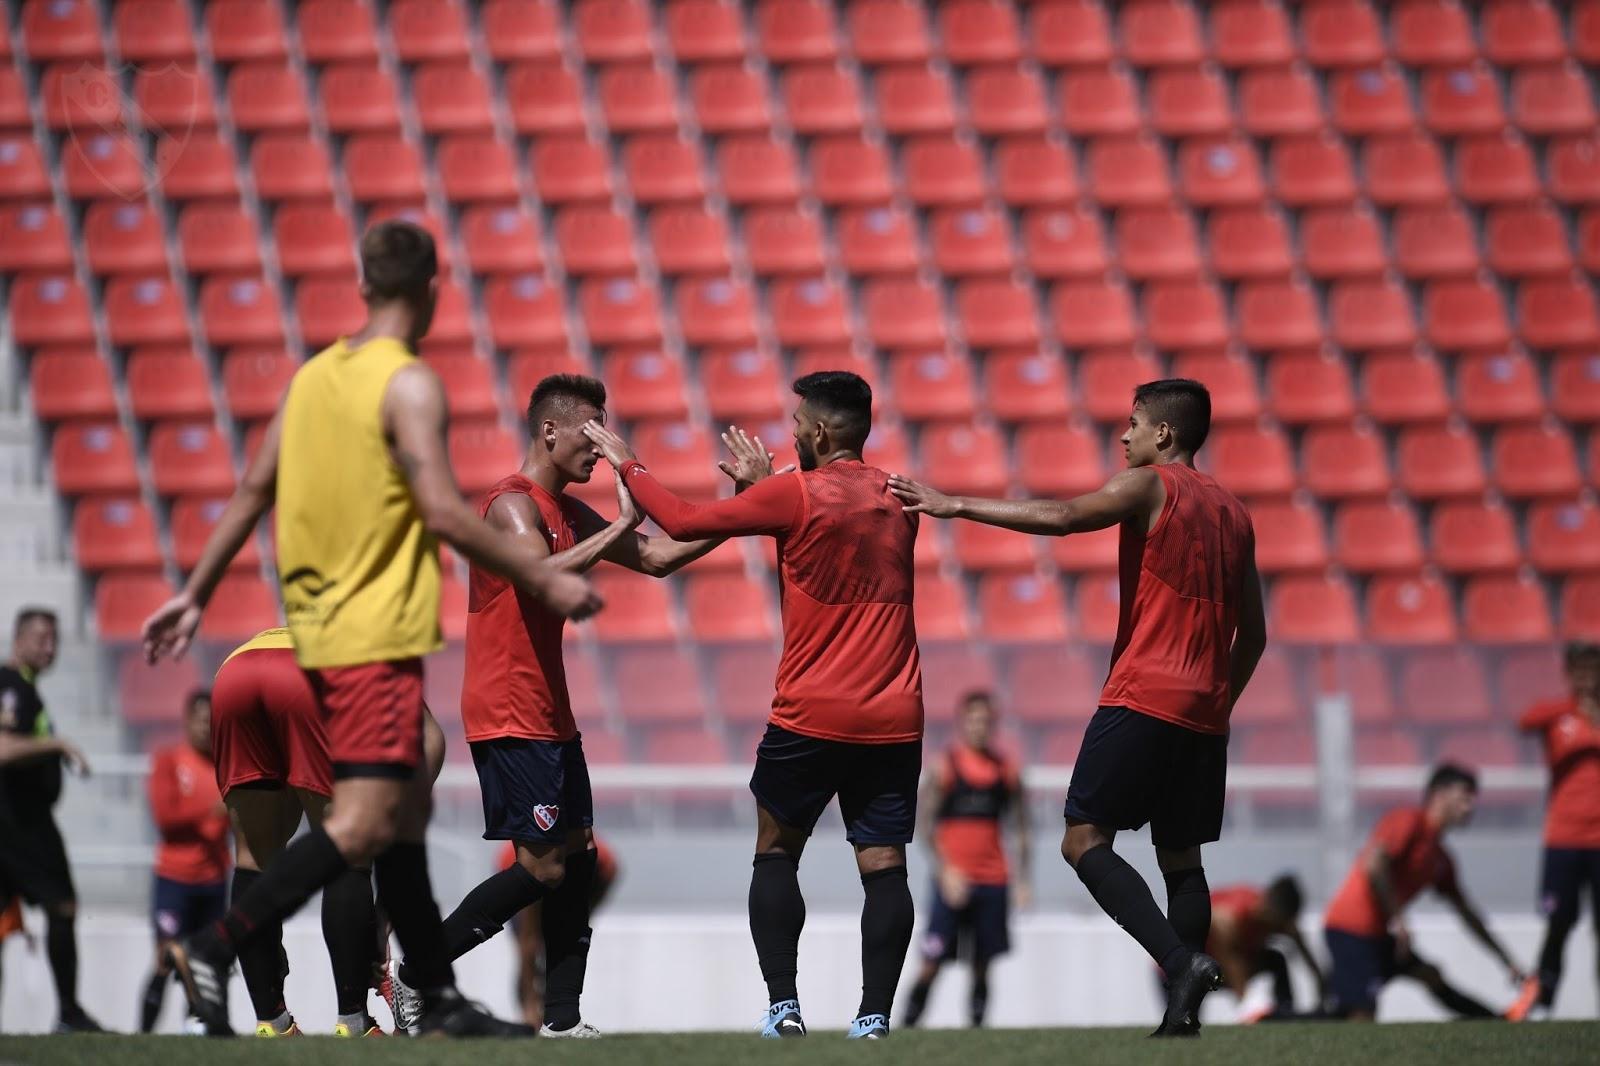 Pusineri arranca su ciclo como DT de Independiente a puro gol en sendos amistosos ante Douglas Haig 1578838948379898-0